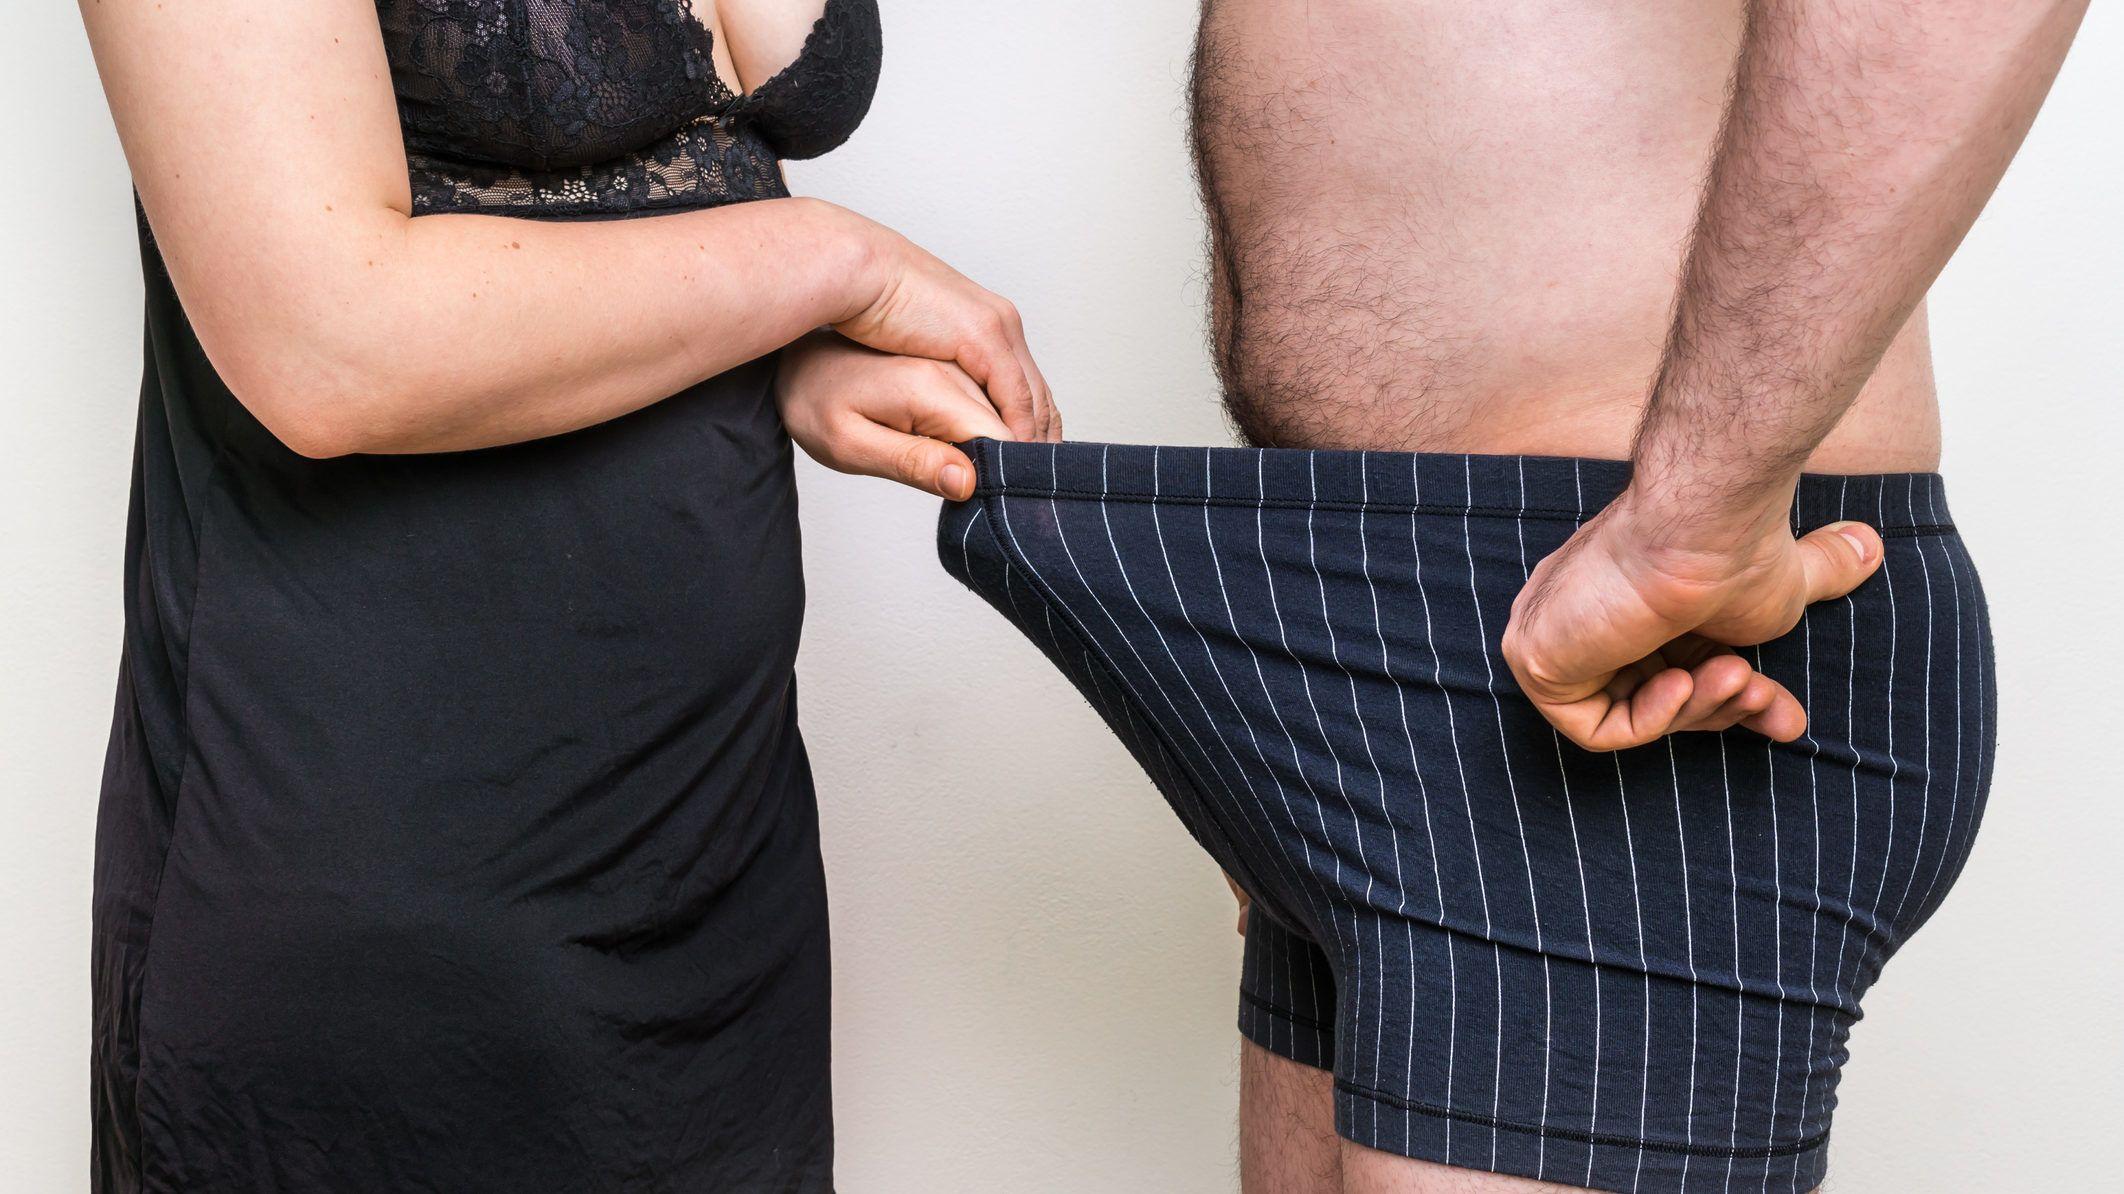 hogyan növelheti magának a pénisz hosszát